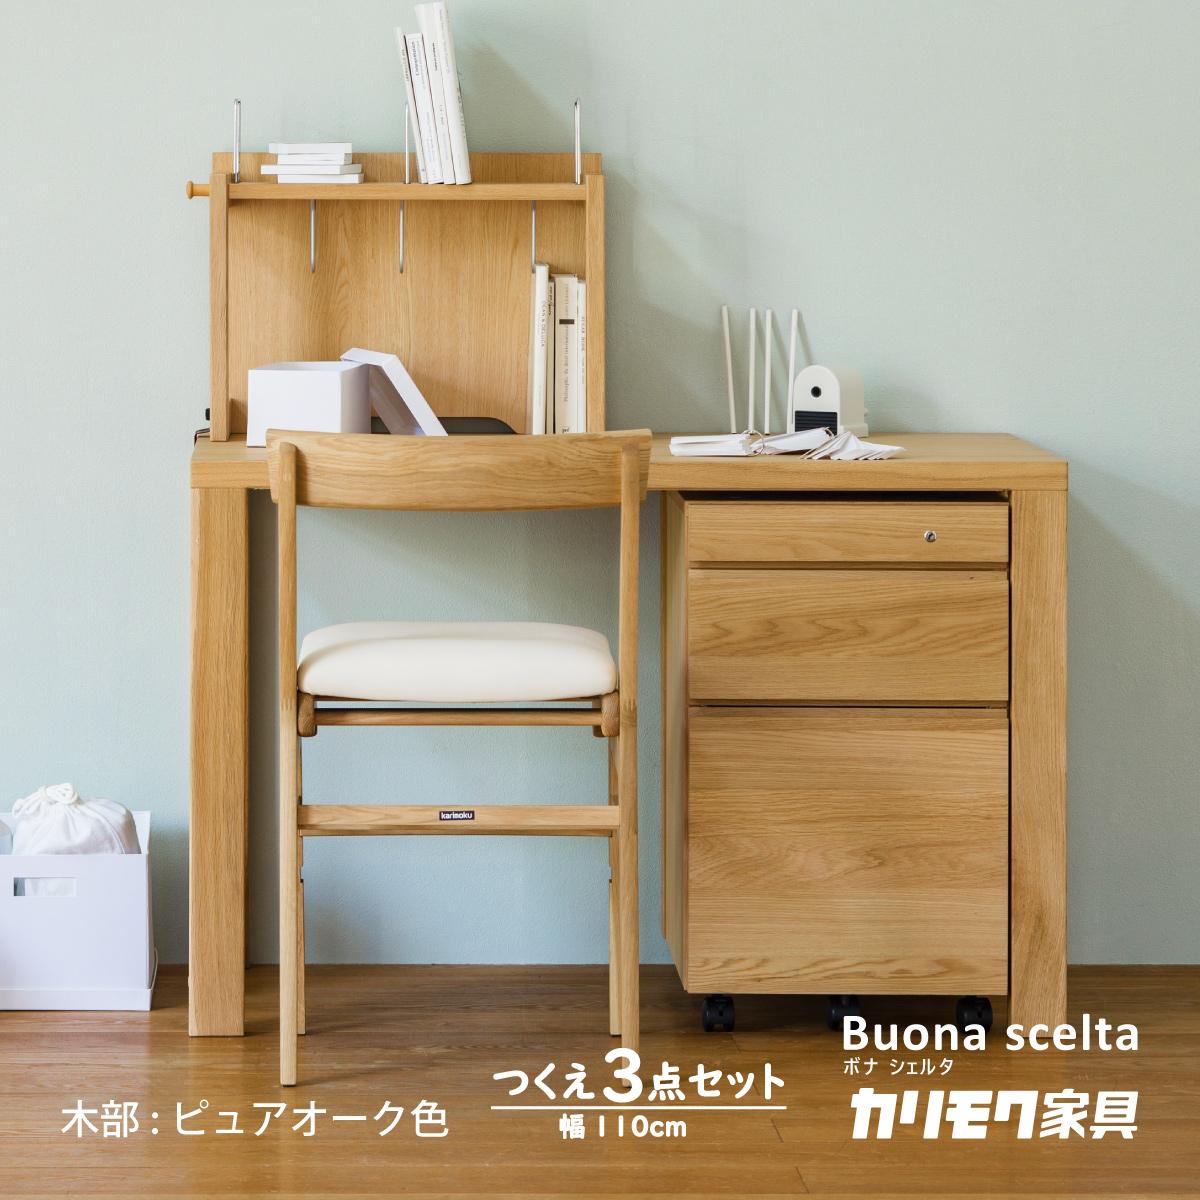 ボナシェルタ ピュアオーク色 学習机 110幅 おすすめ定番3点セット